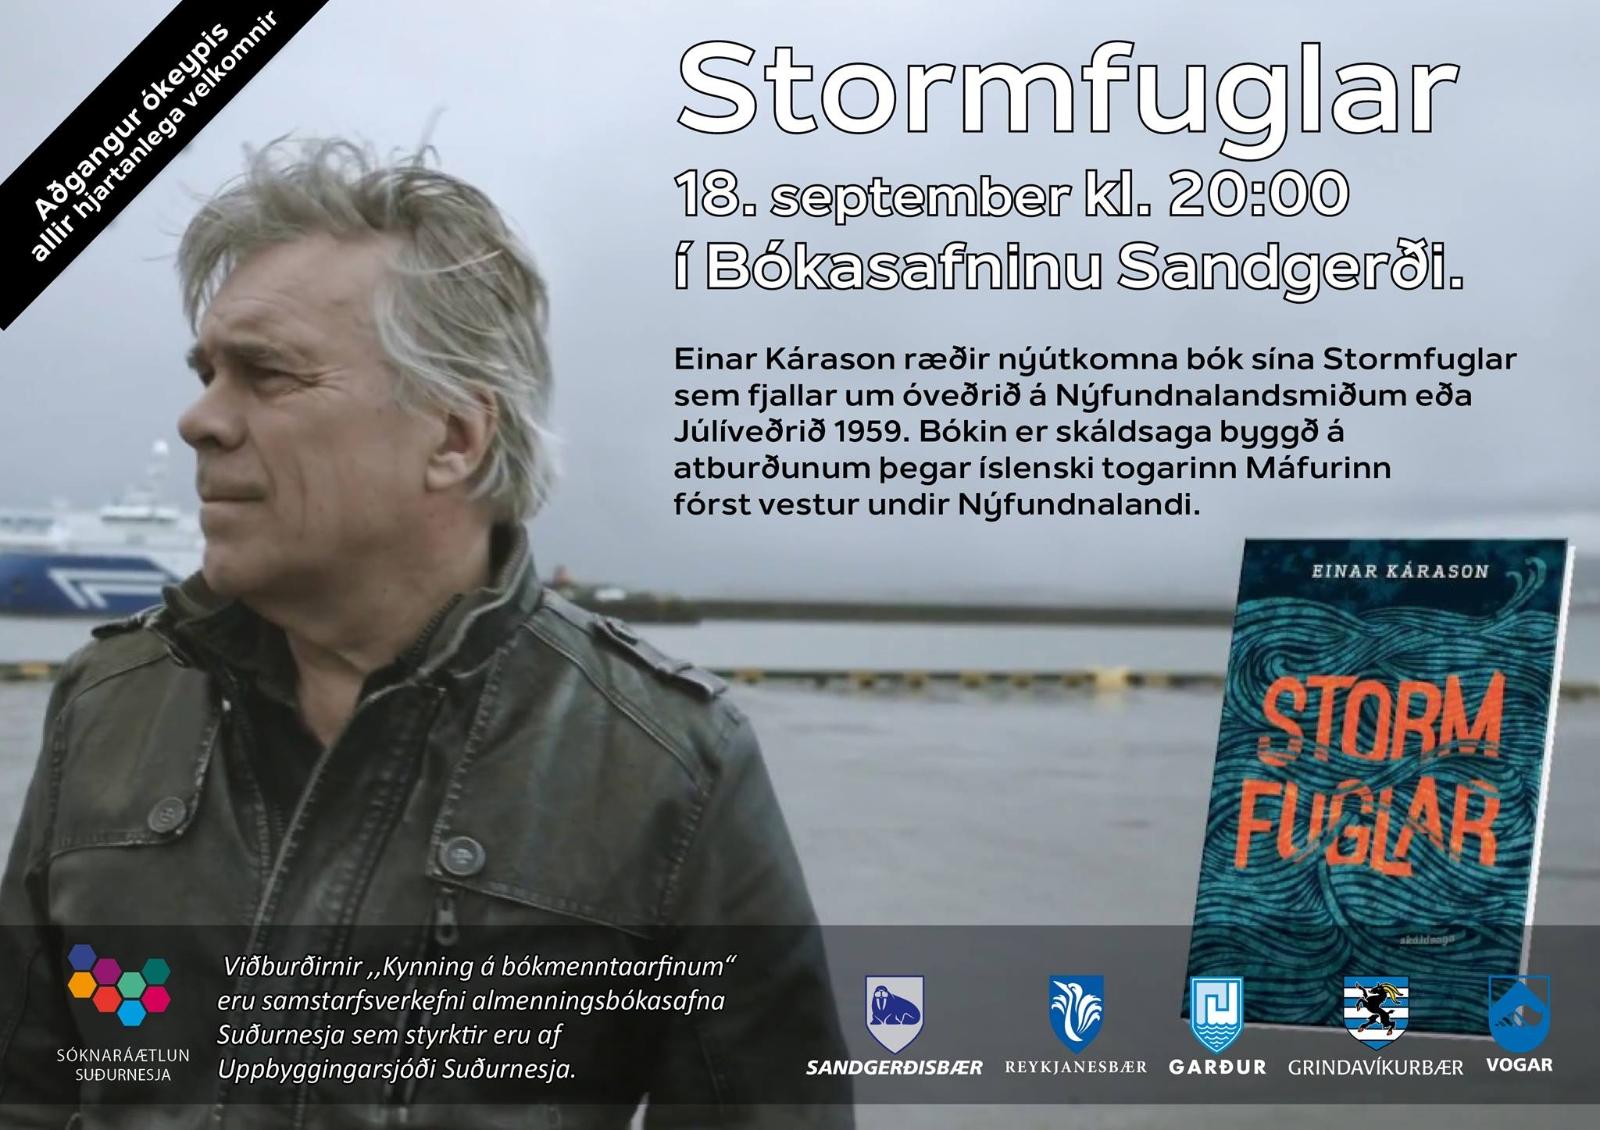 Mynd fyrir Stormfuglar Einars Kárasonar - kynning á bókmenntaarfinum